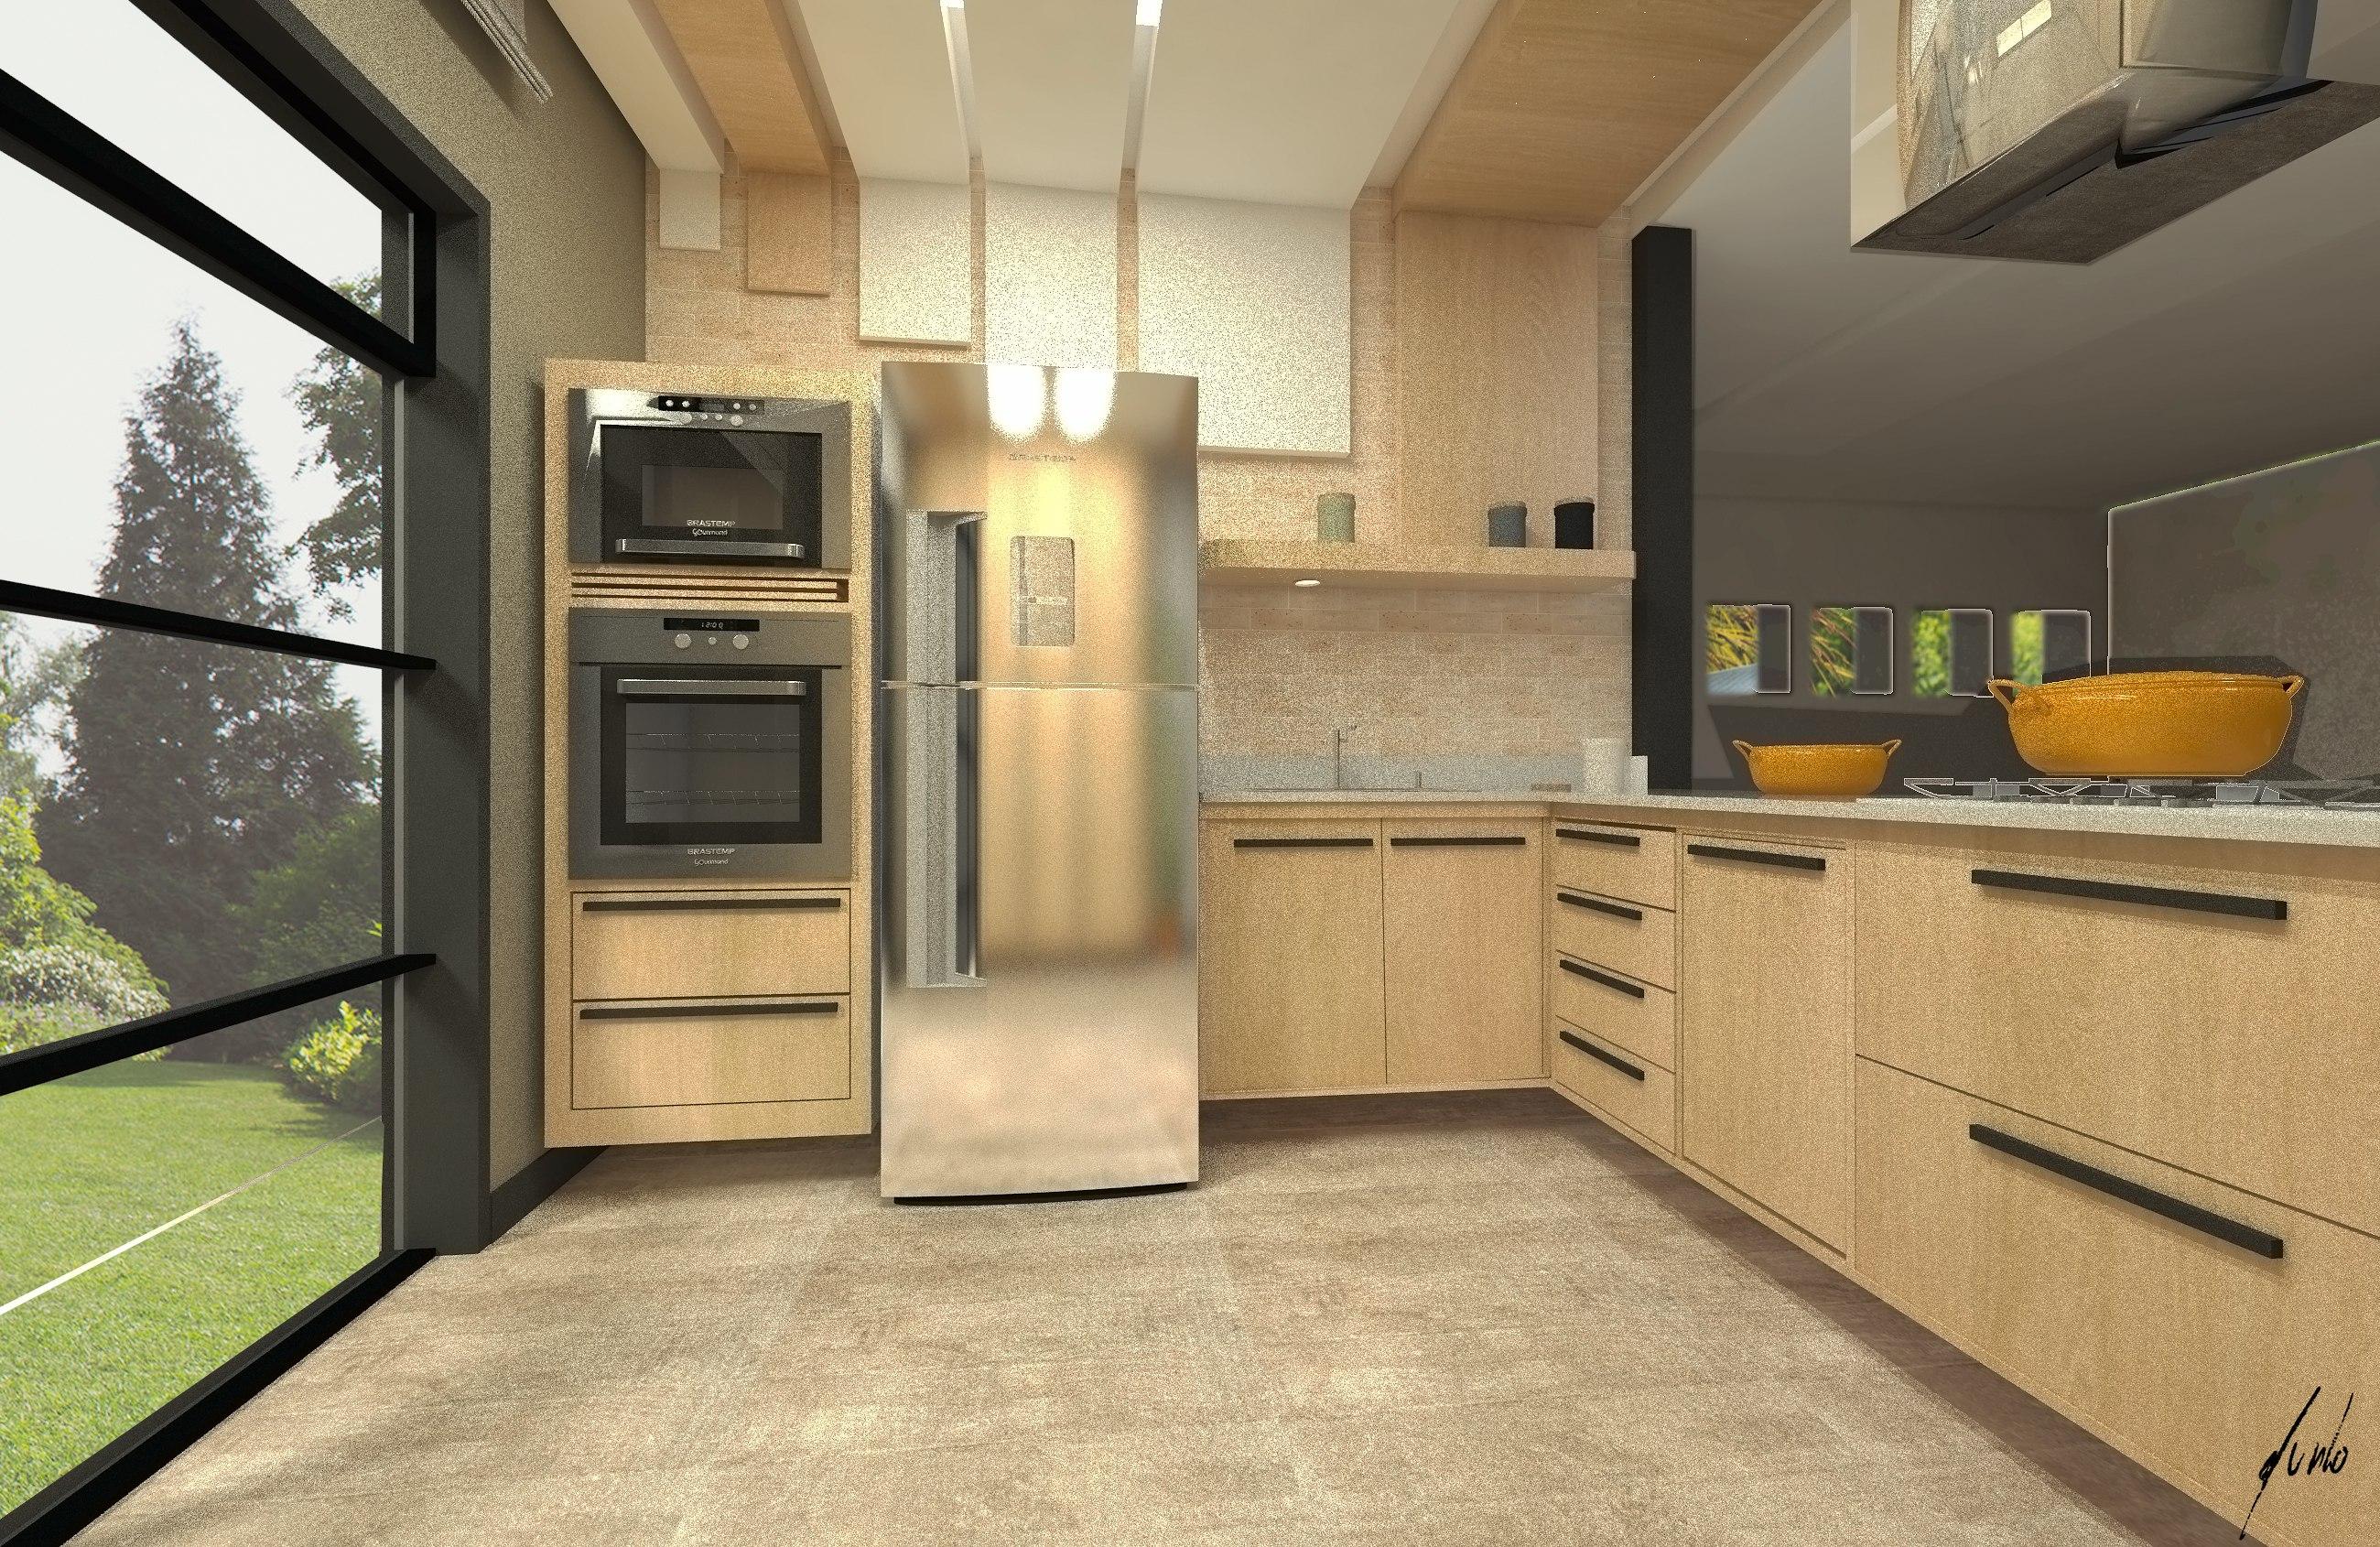 Design de interiores quanto custa um projeto? -Cozinha moderna, minimalista, com ilha, em cinza e madeirados de tons quentes - Projeto de design por Murilo Zadulski - Designer de interiores em curitiba - img0110